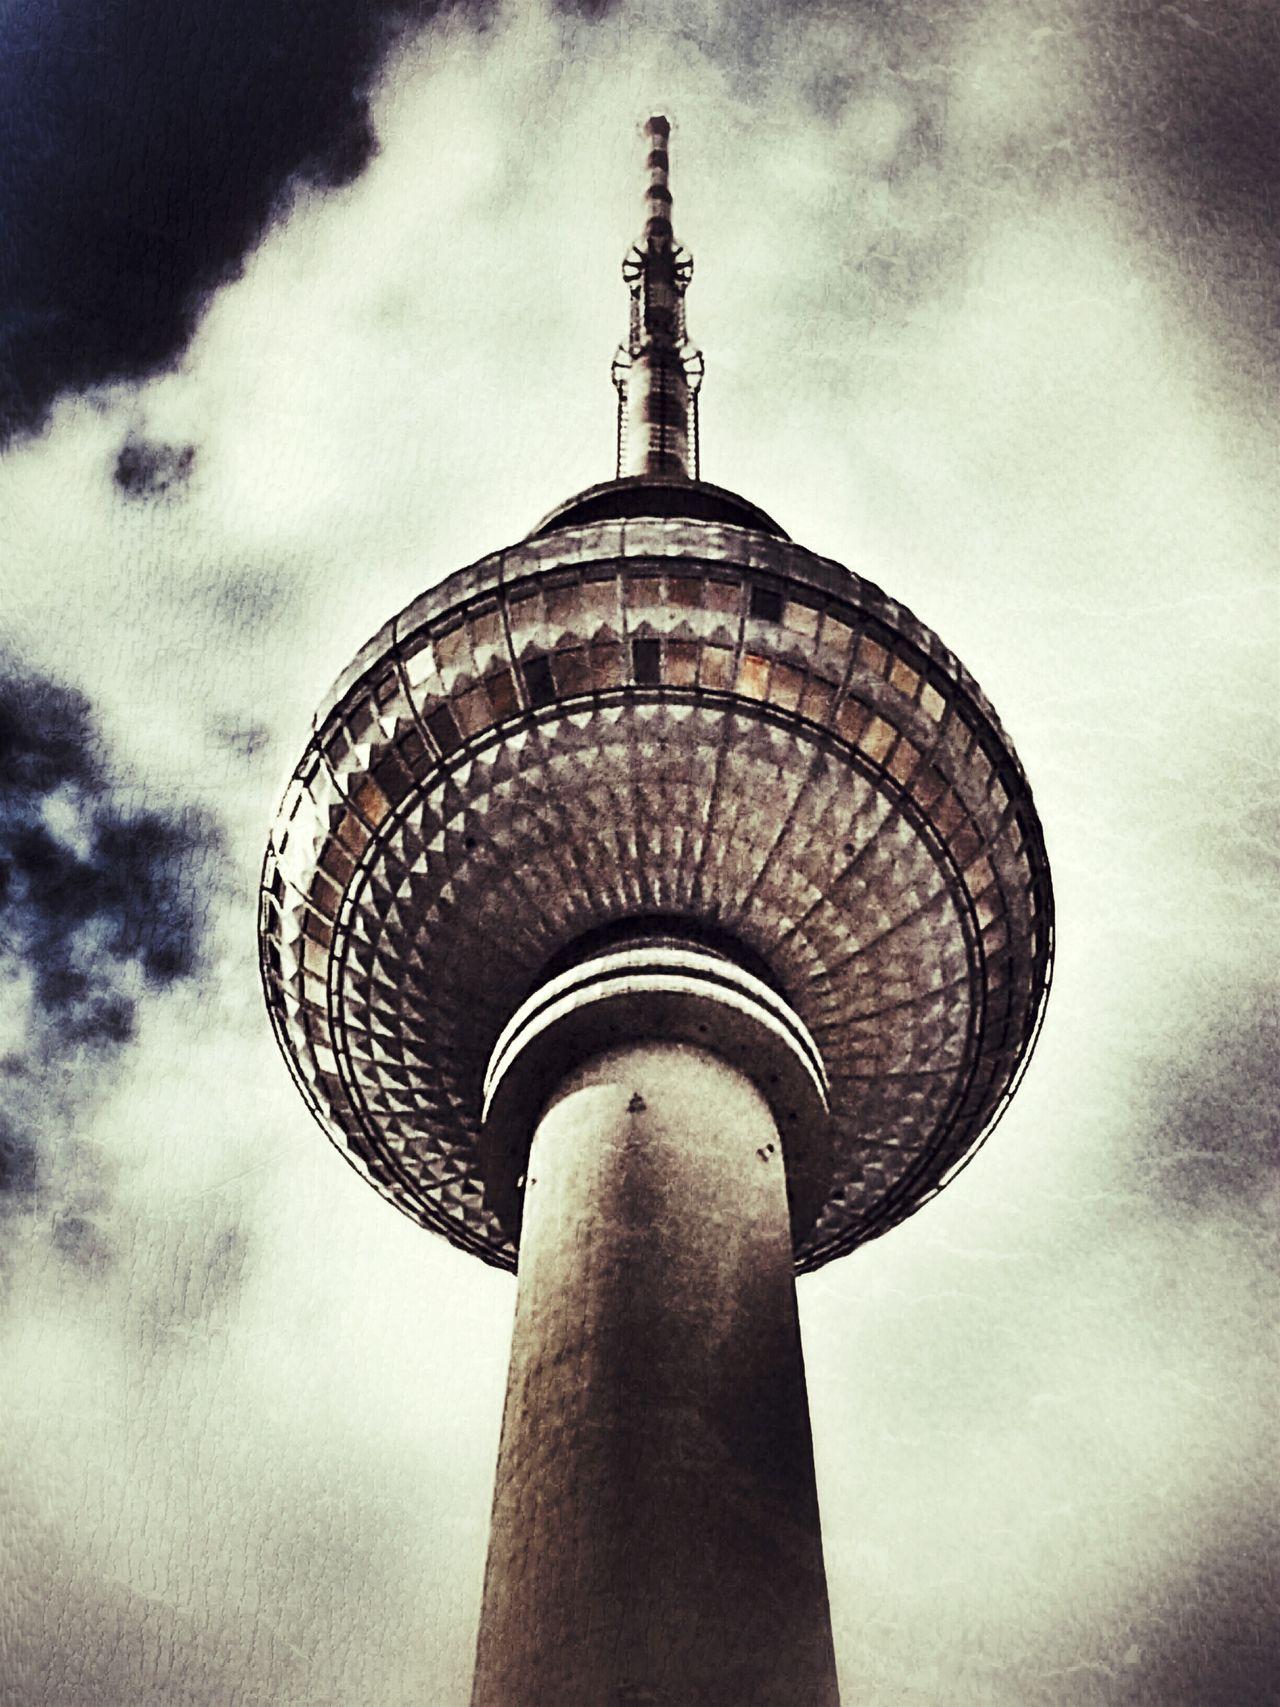 Tvtower Tvtower #berlin #alexanderplatz Tvtowerberlin Fernsehturm Alexanderplatz Alex Berlin Berliner Ansichten